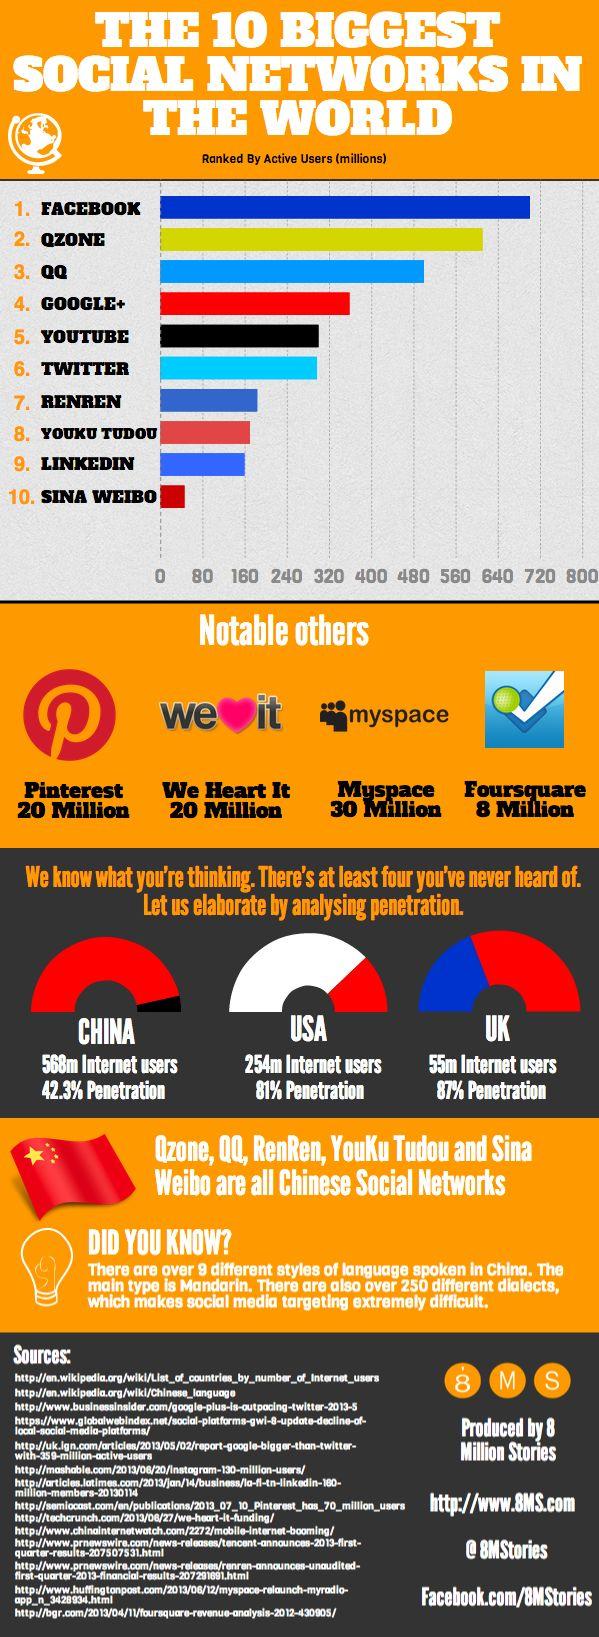 Las 10 Redes Sociales más grandes del Mundo